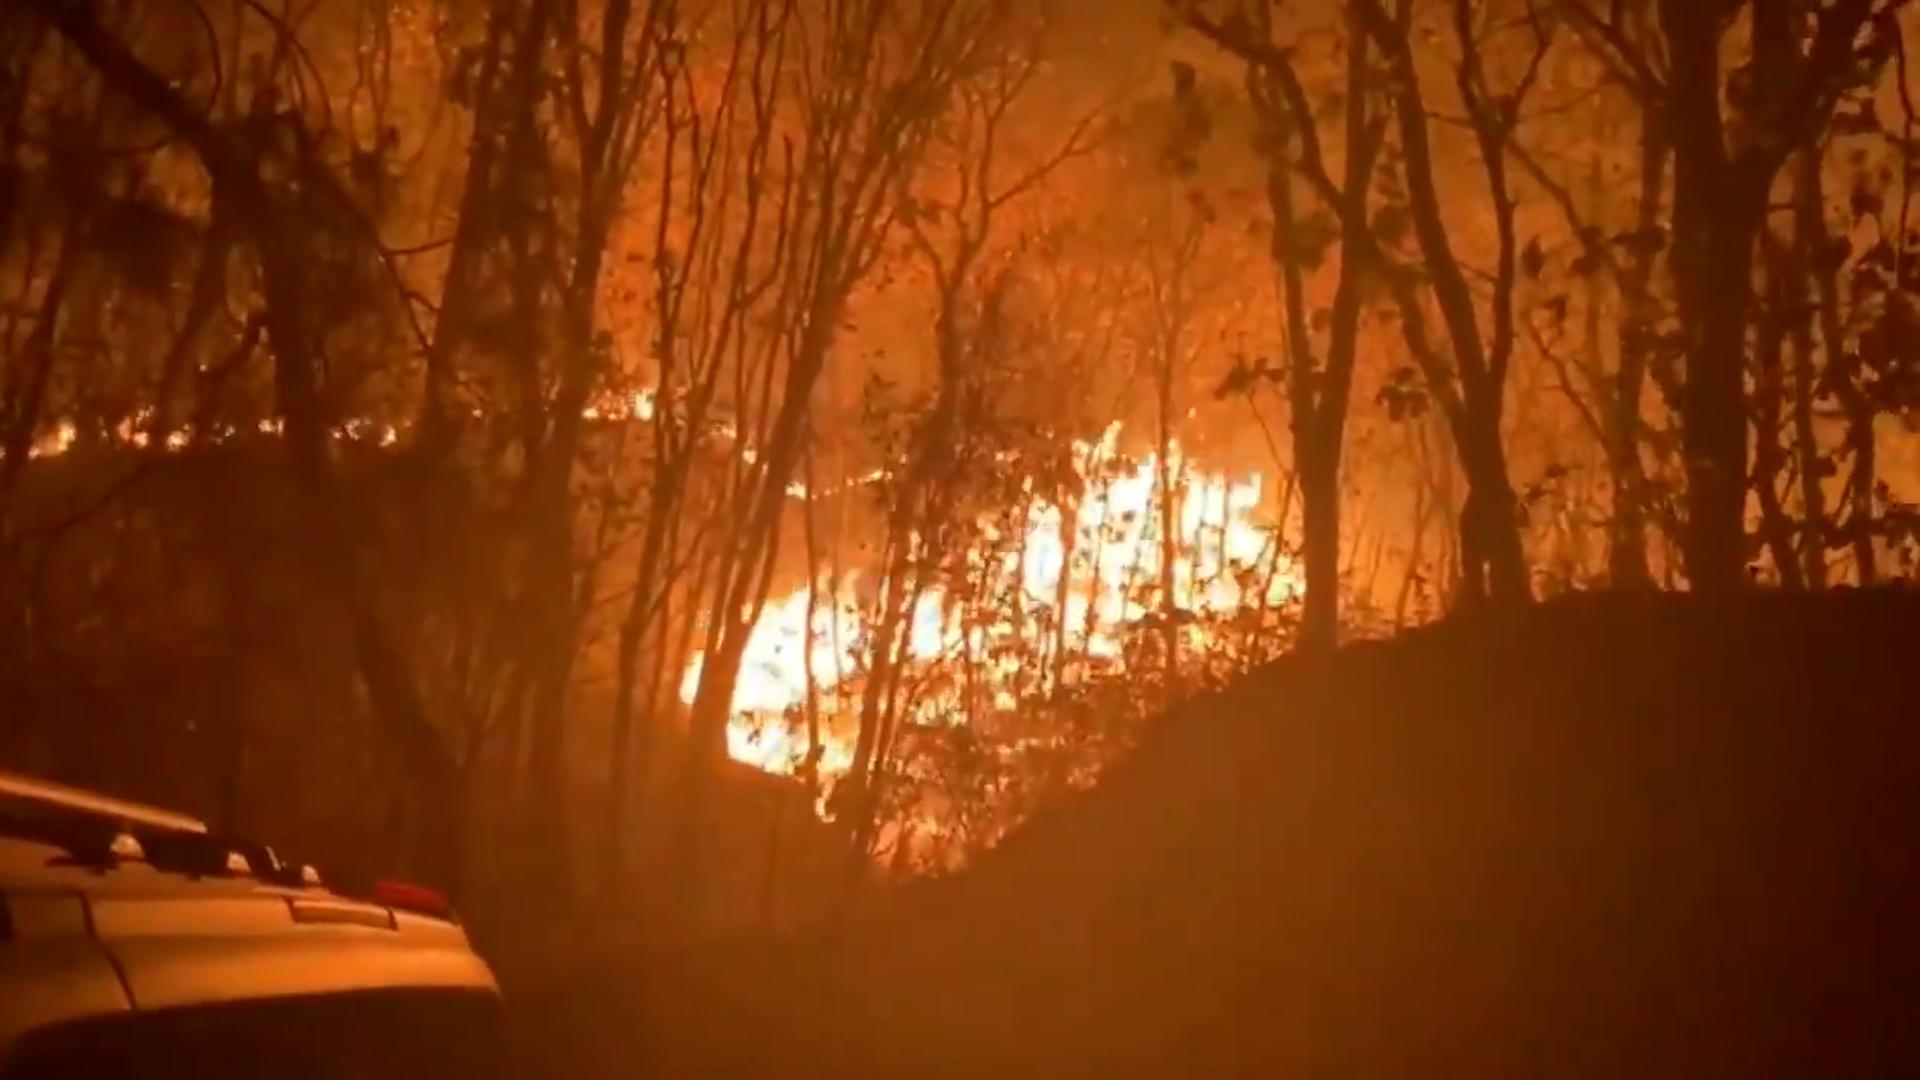 Las Impactantes Imagenes Del Incendio En El Bosque La Primavera Mas De 500 Brigadistas Combaten El Fuego En Esta Zona Protegida De Jalisco Infobae